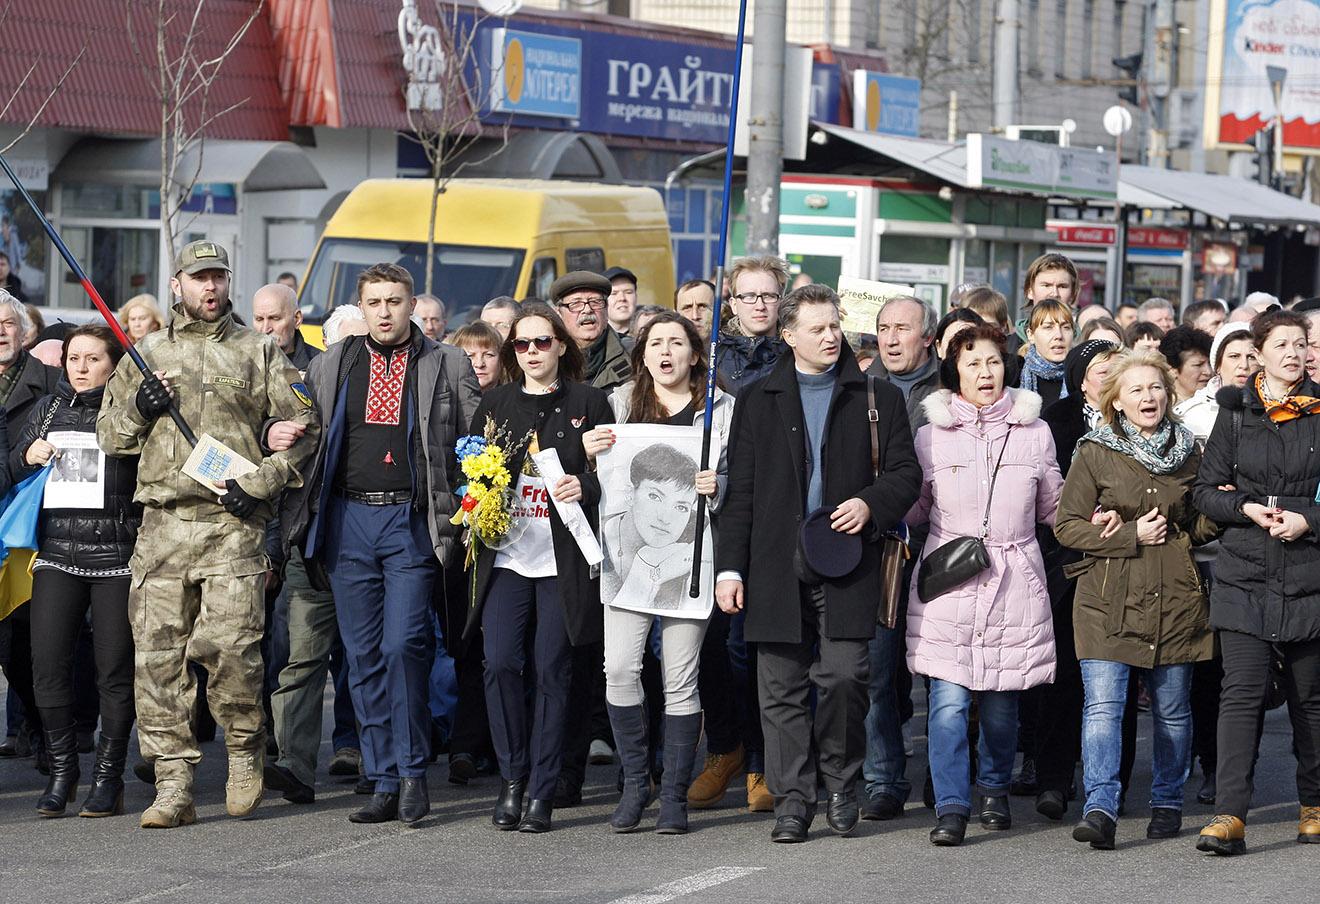 Митинг в поддержку Надежды Савченко в Киеве, 6 марта 2016 года.